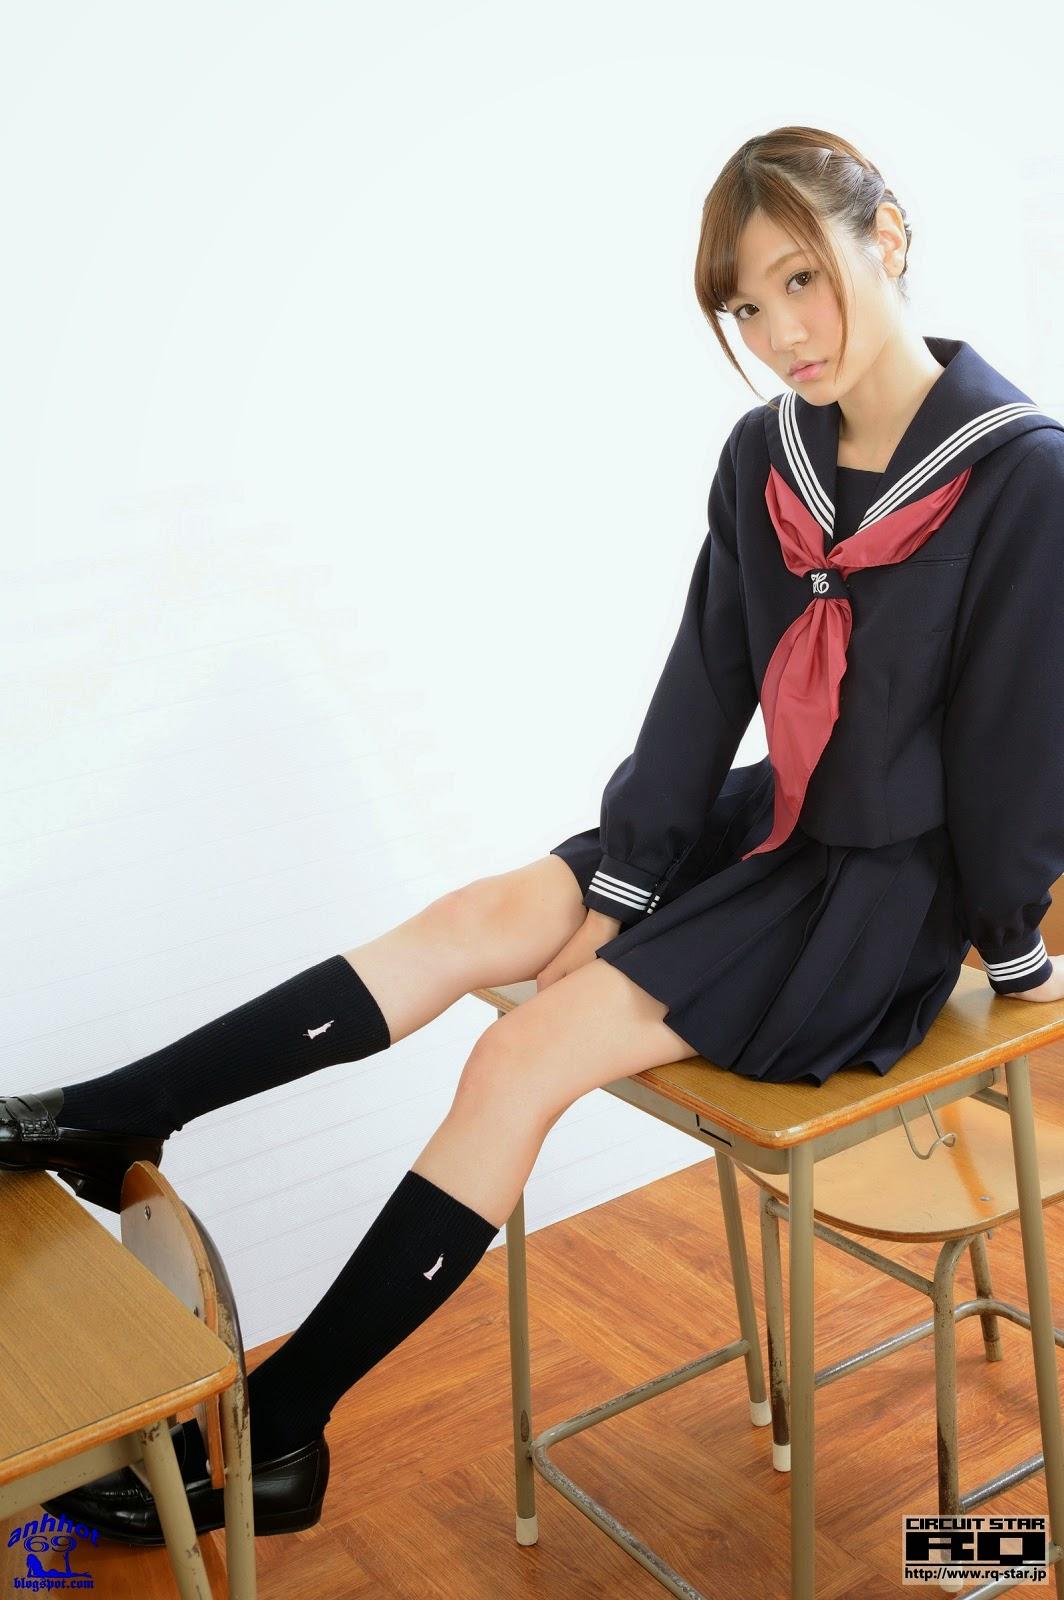 haruka-kanzaki-02420686